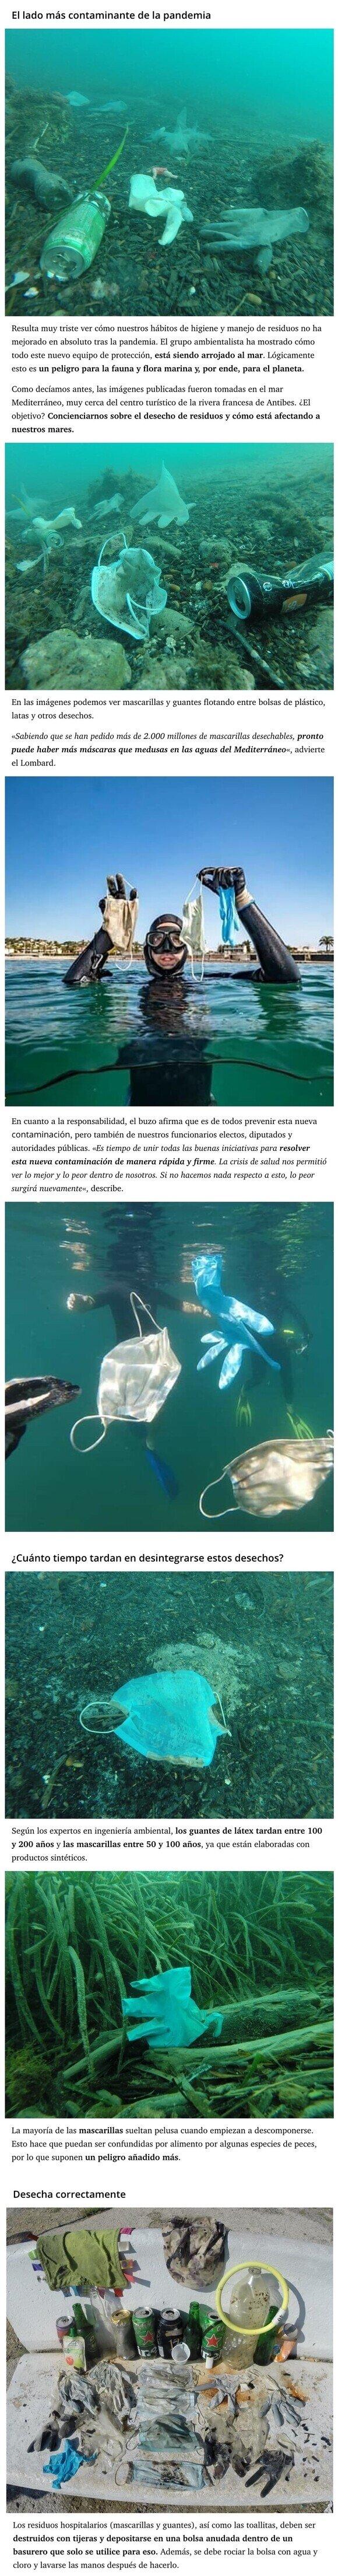 20983 - La vergonzosa consecuencia de la pandemia: el mar está lleno de mascarillas y guantes